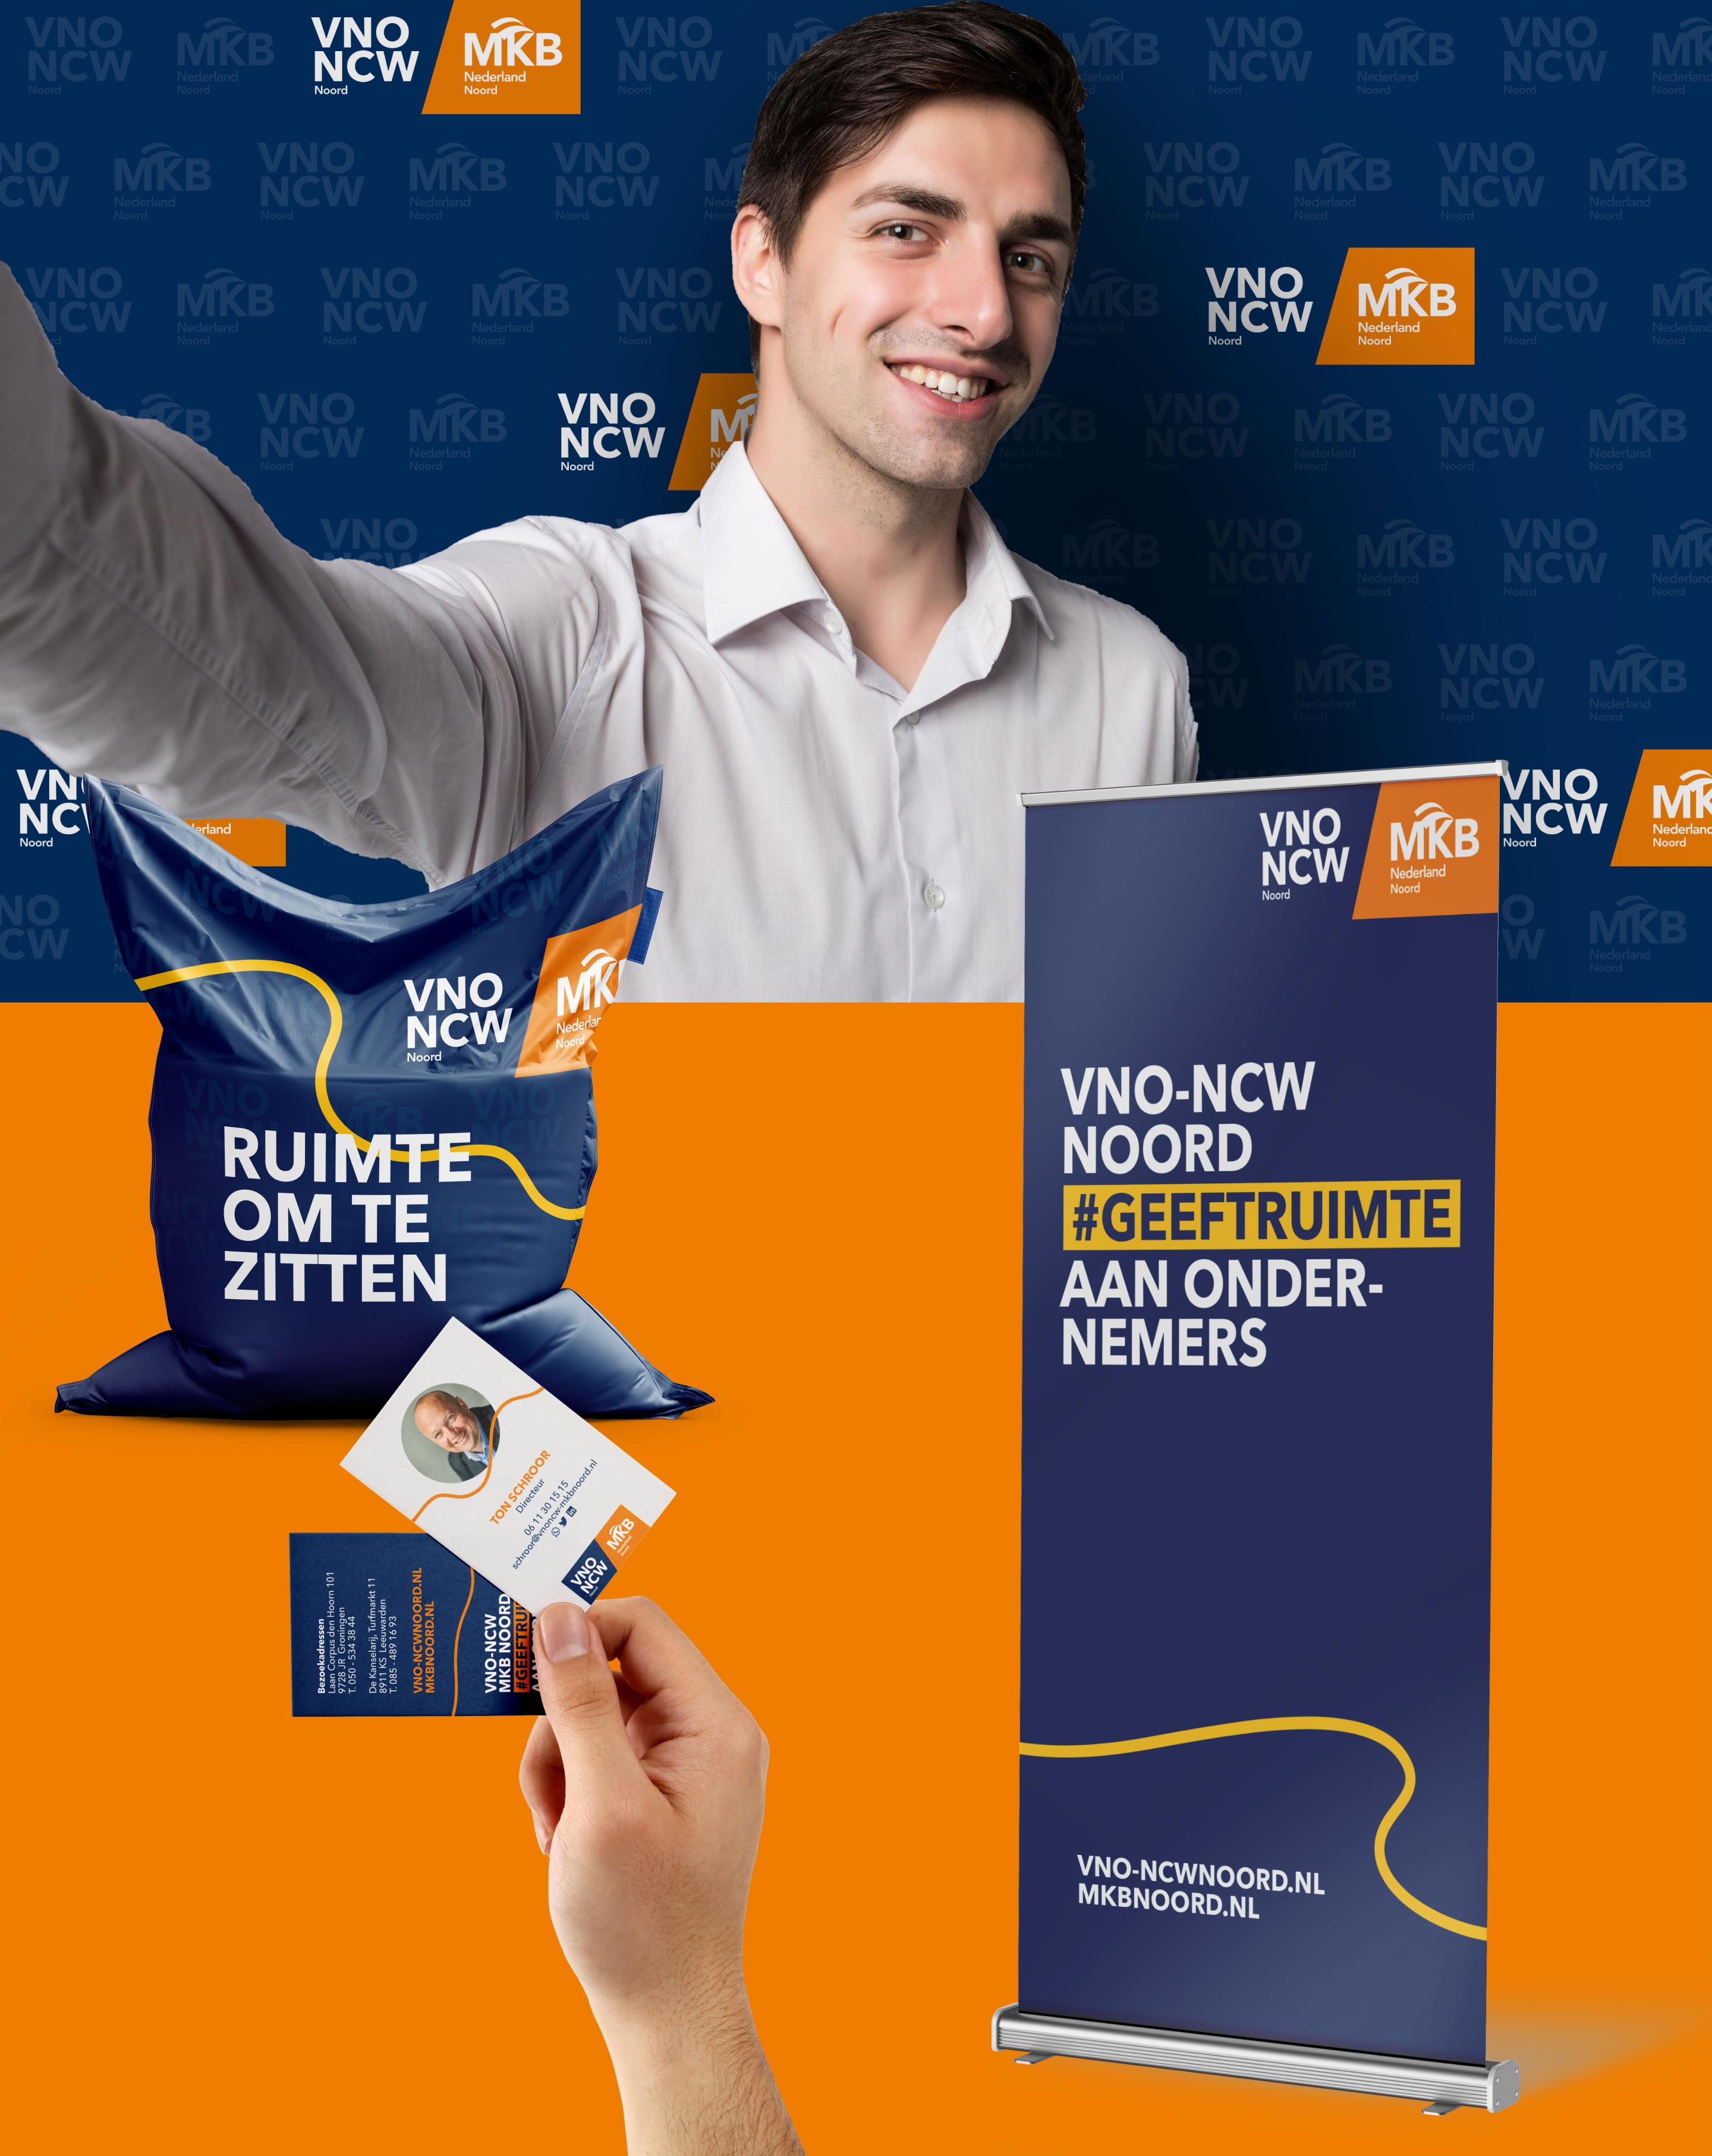 VNO-NCW MKB Noord - Uitingen